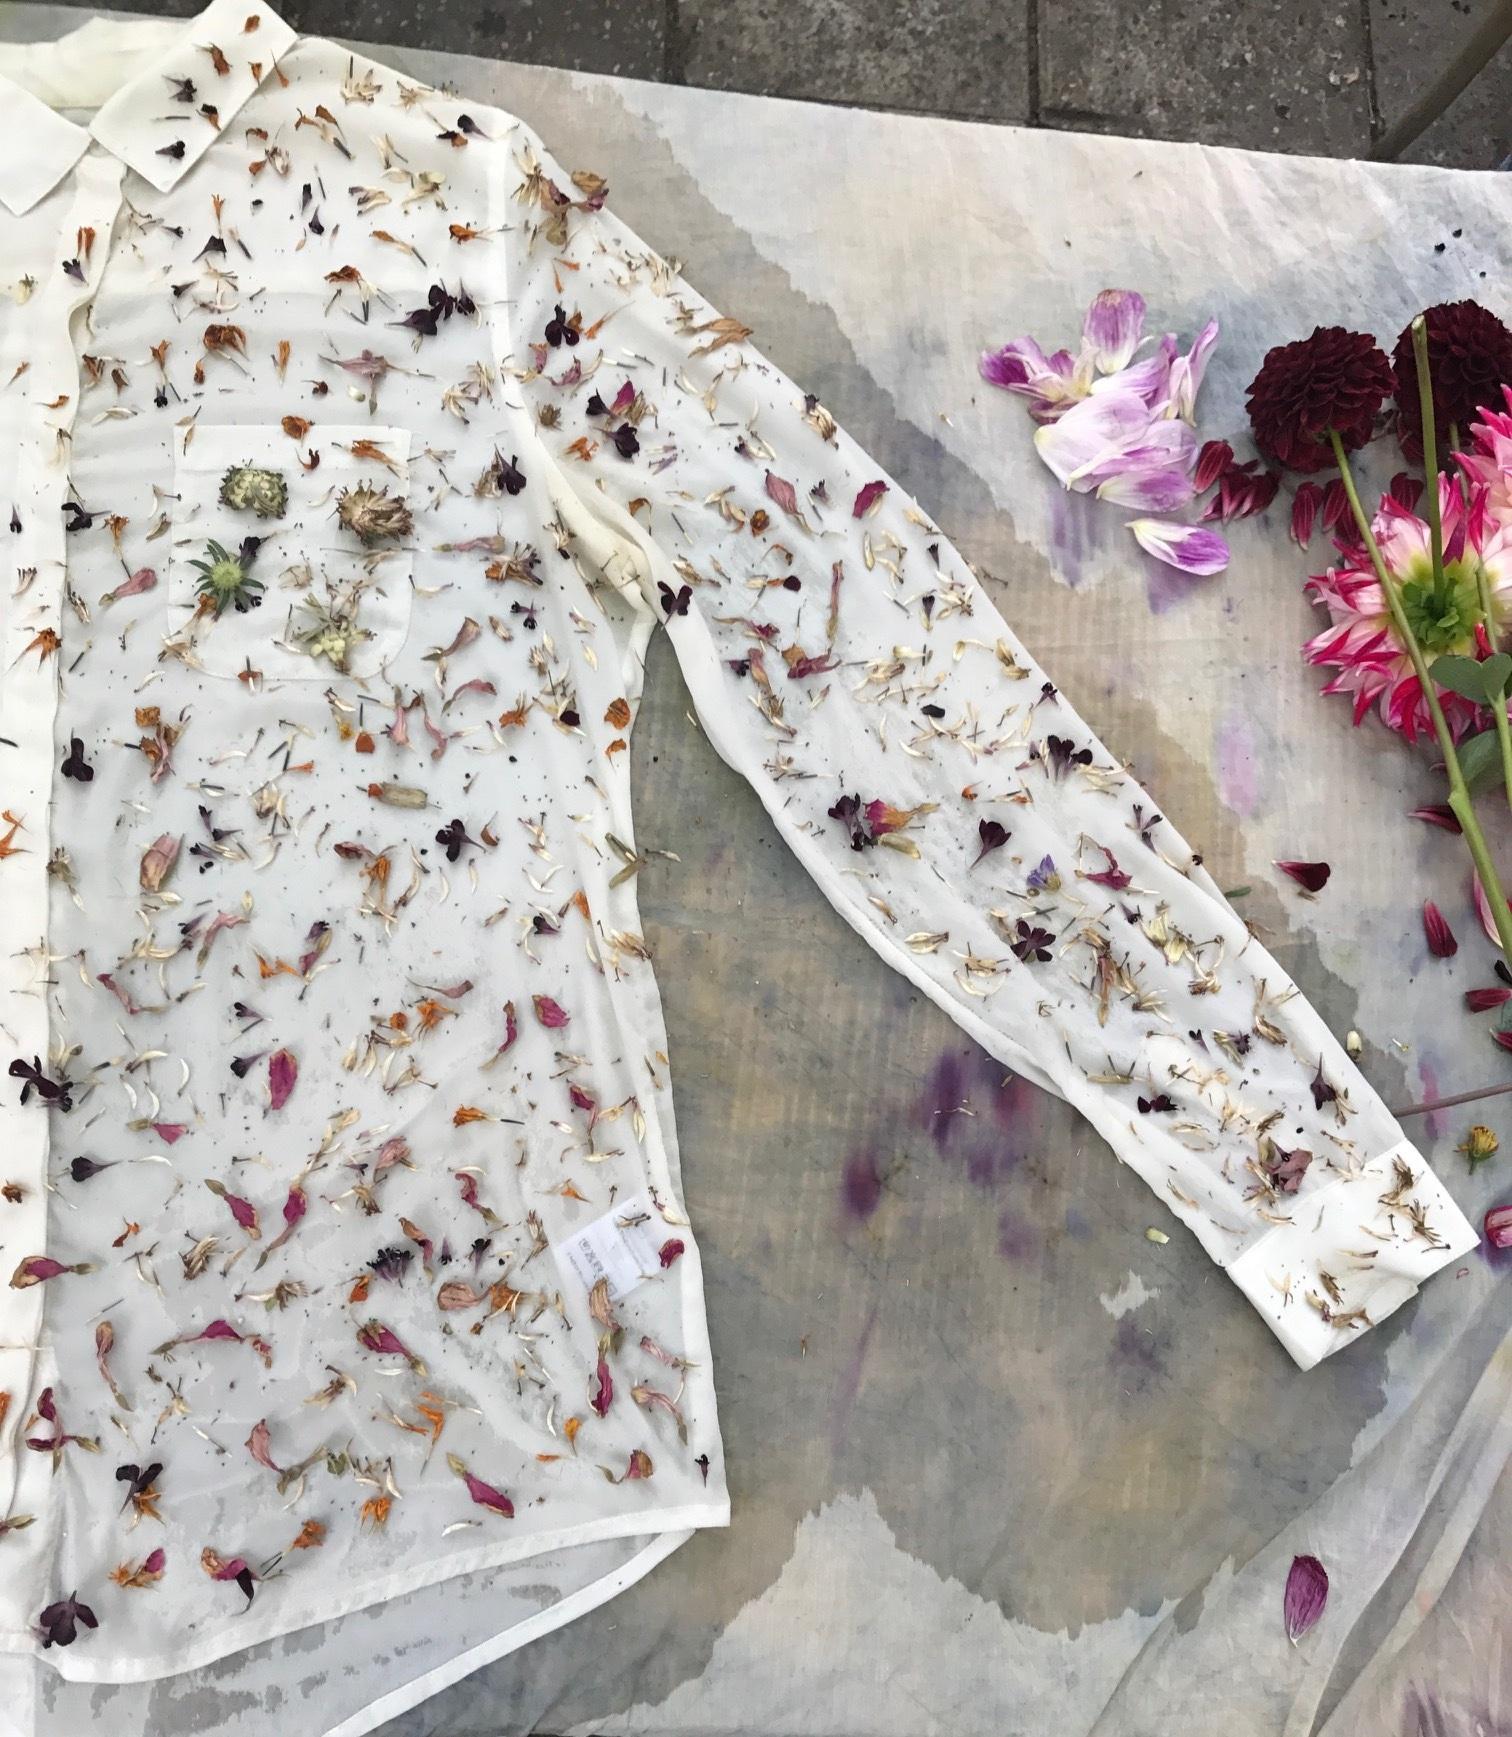 Geef je rouwbloemen een nieuw leven - Het ligt er prachtig bij tijdens de ceremonie, maar wat doe je met al die bloemen na afloop? Graag geef ik je een paar mooie ideeën om je rouwbloemen een langdurigere betekenis te geven.